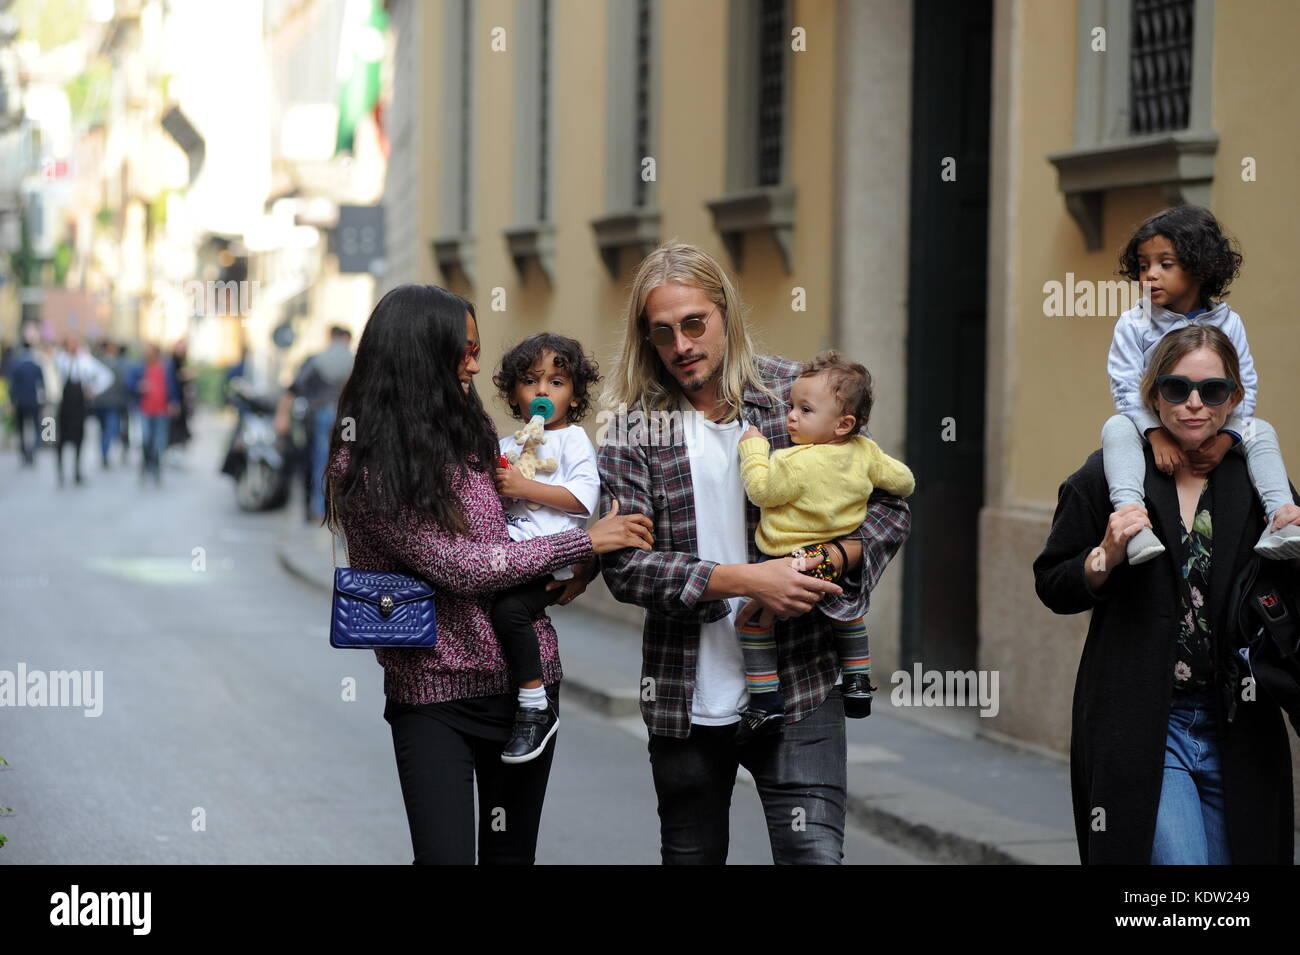 Pranzo Per Marito : Milano zoe saldana e il marito marco perego con tre bambini a